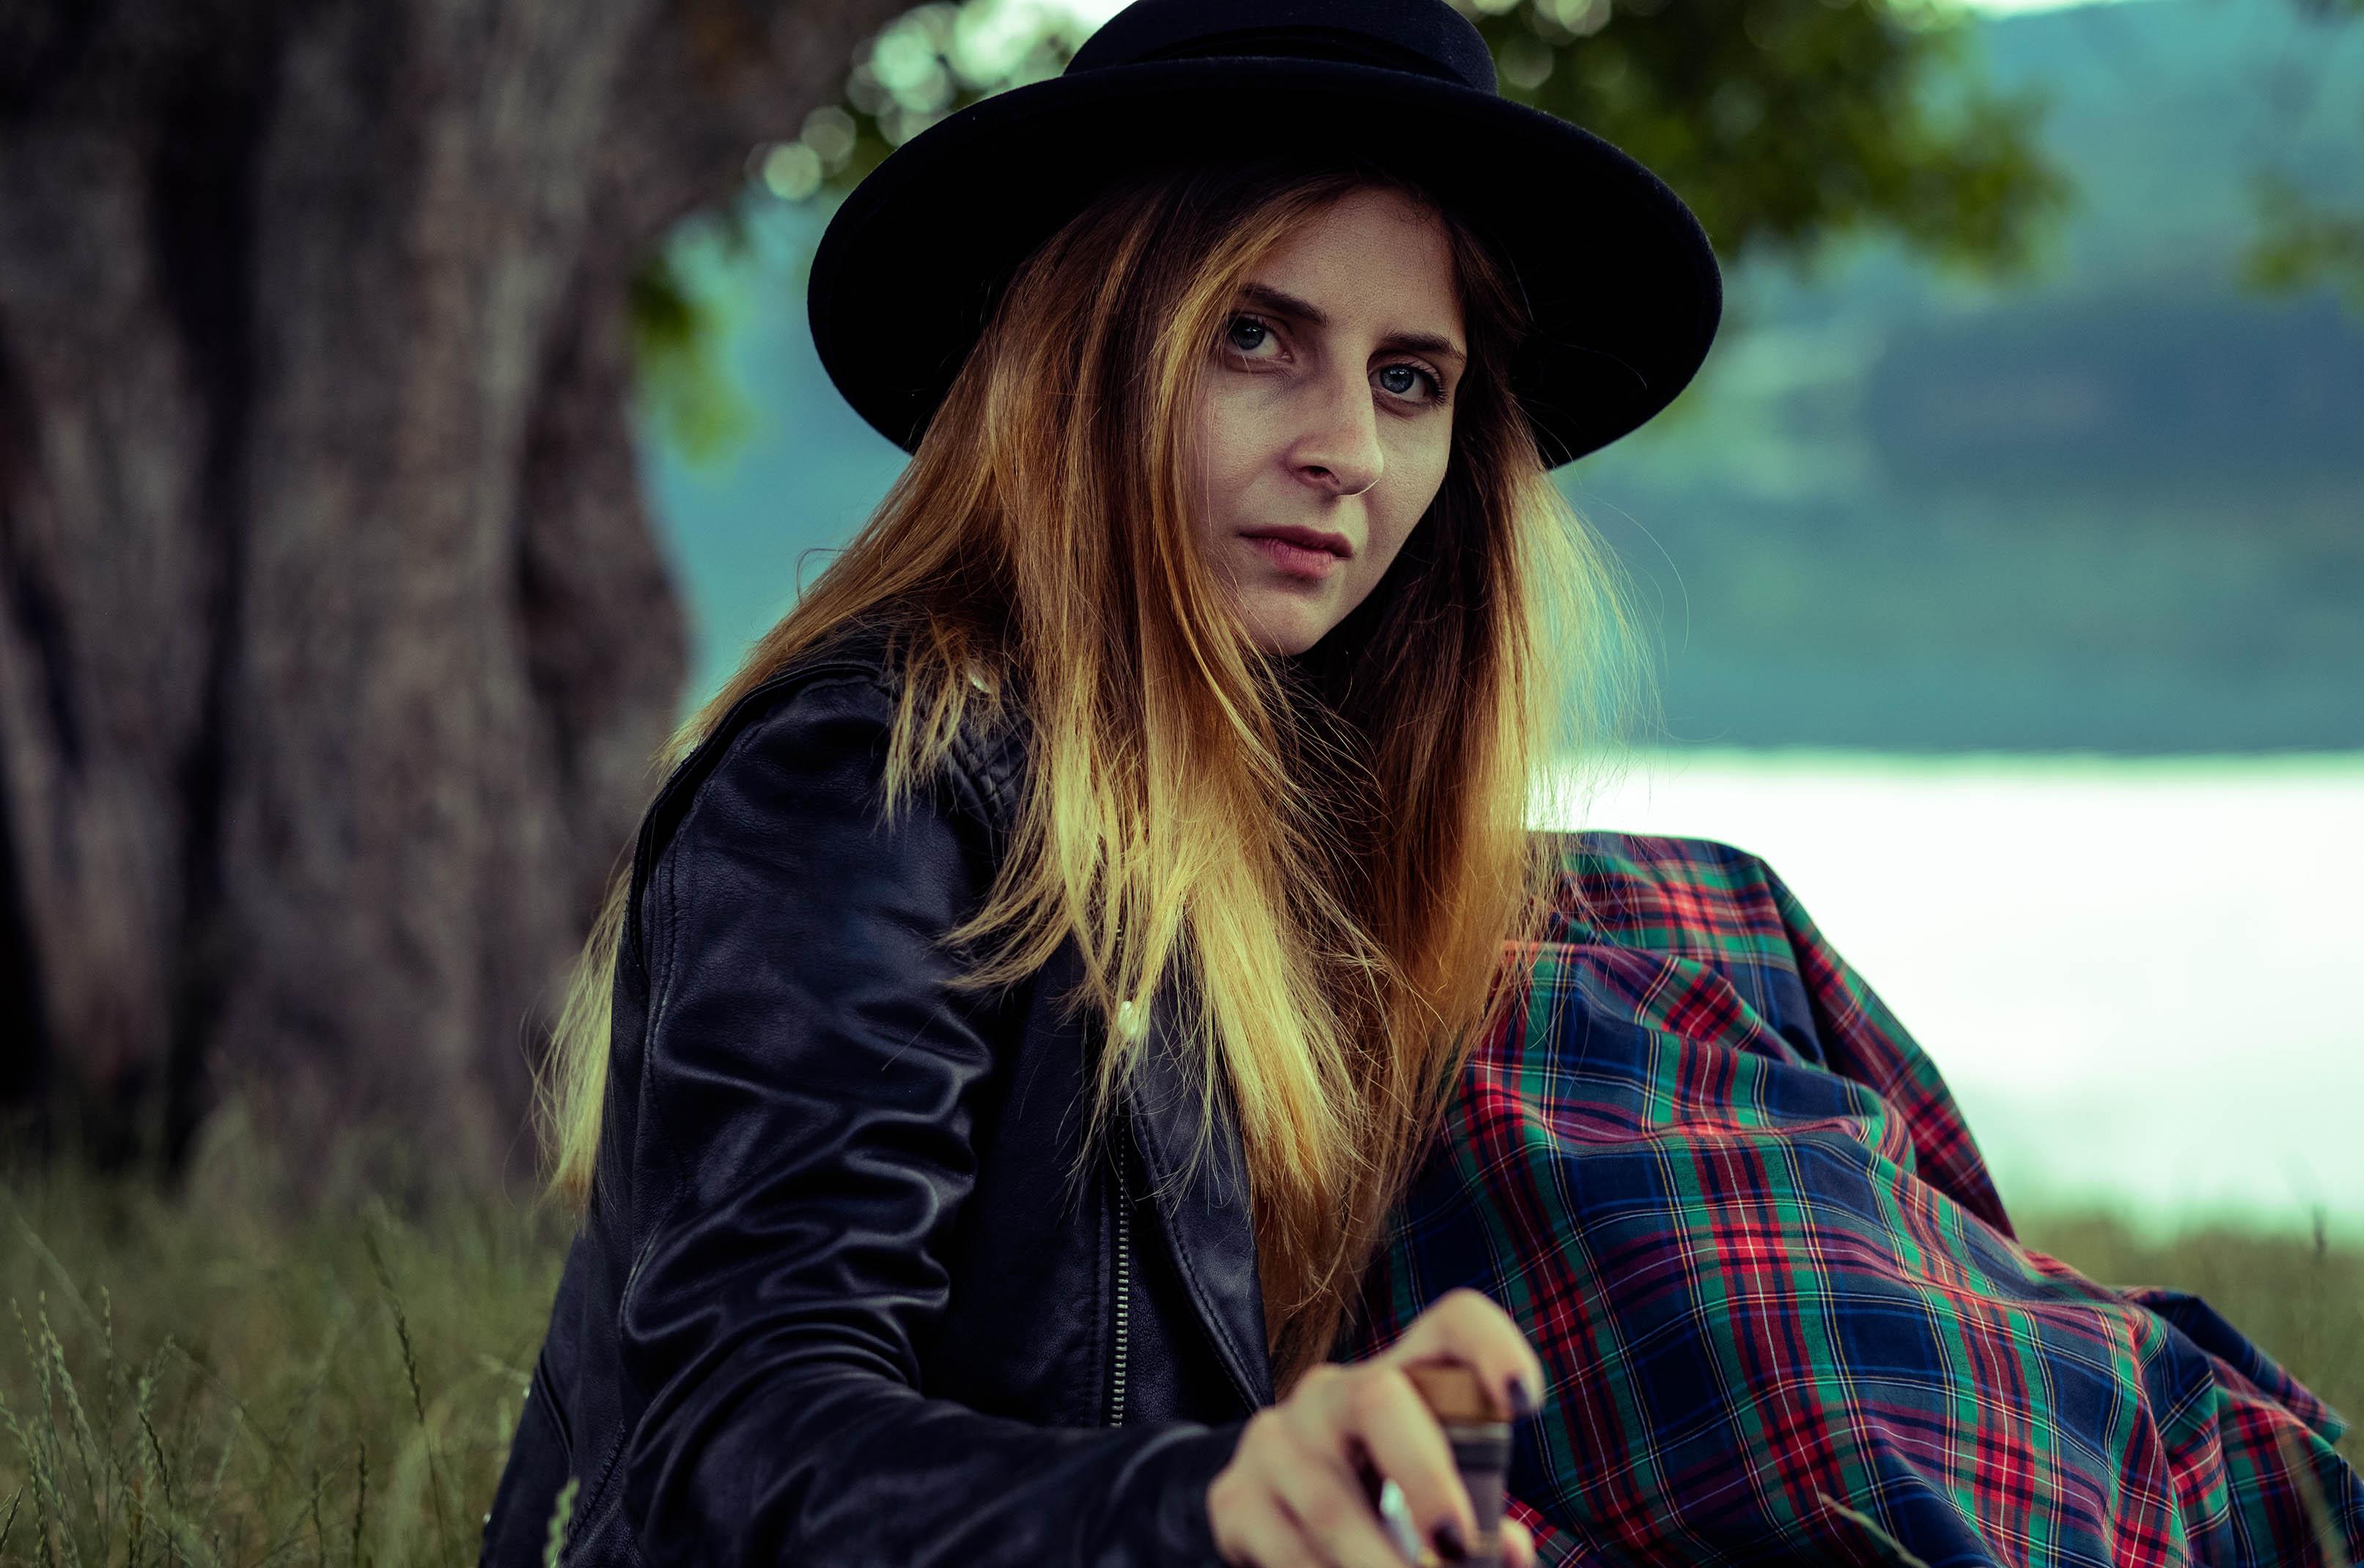 Neda Morfova